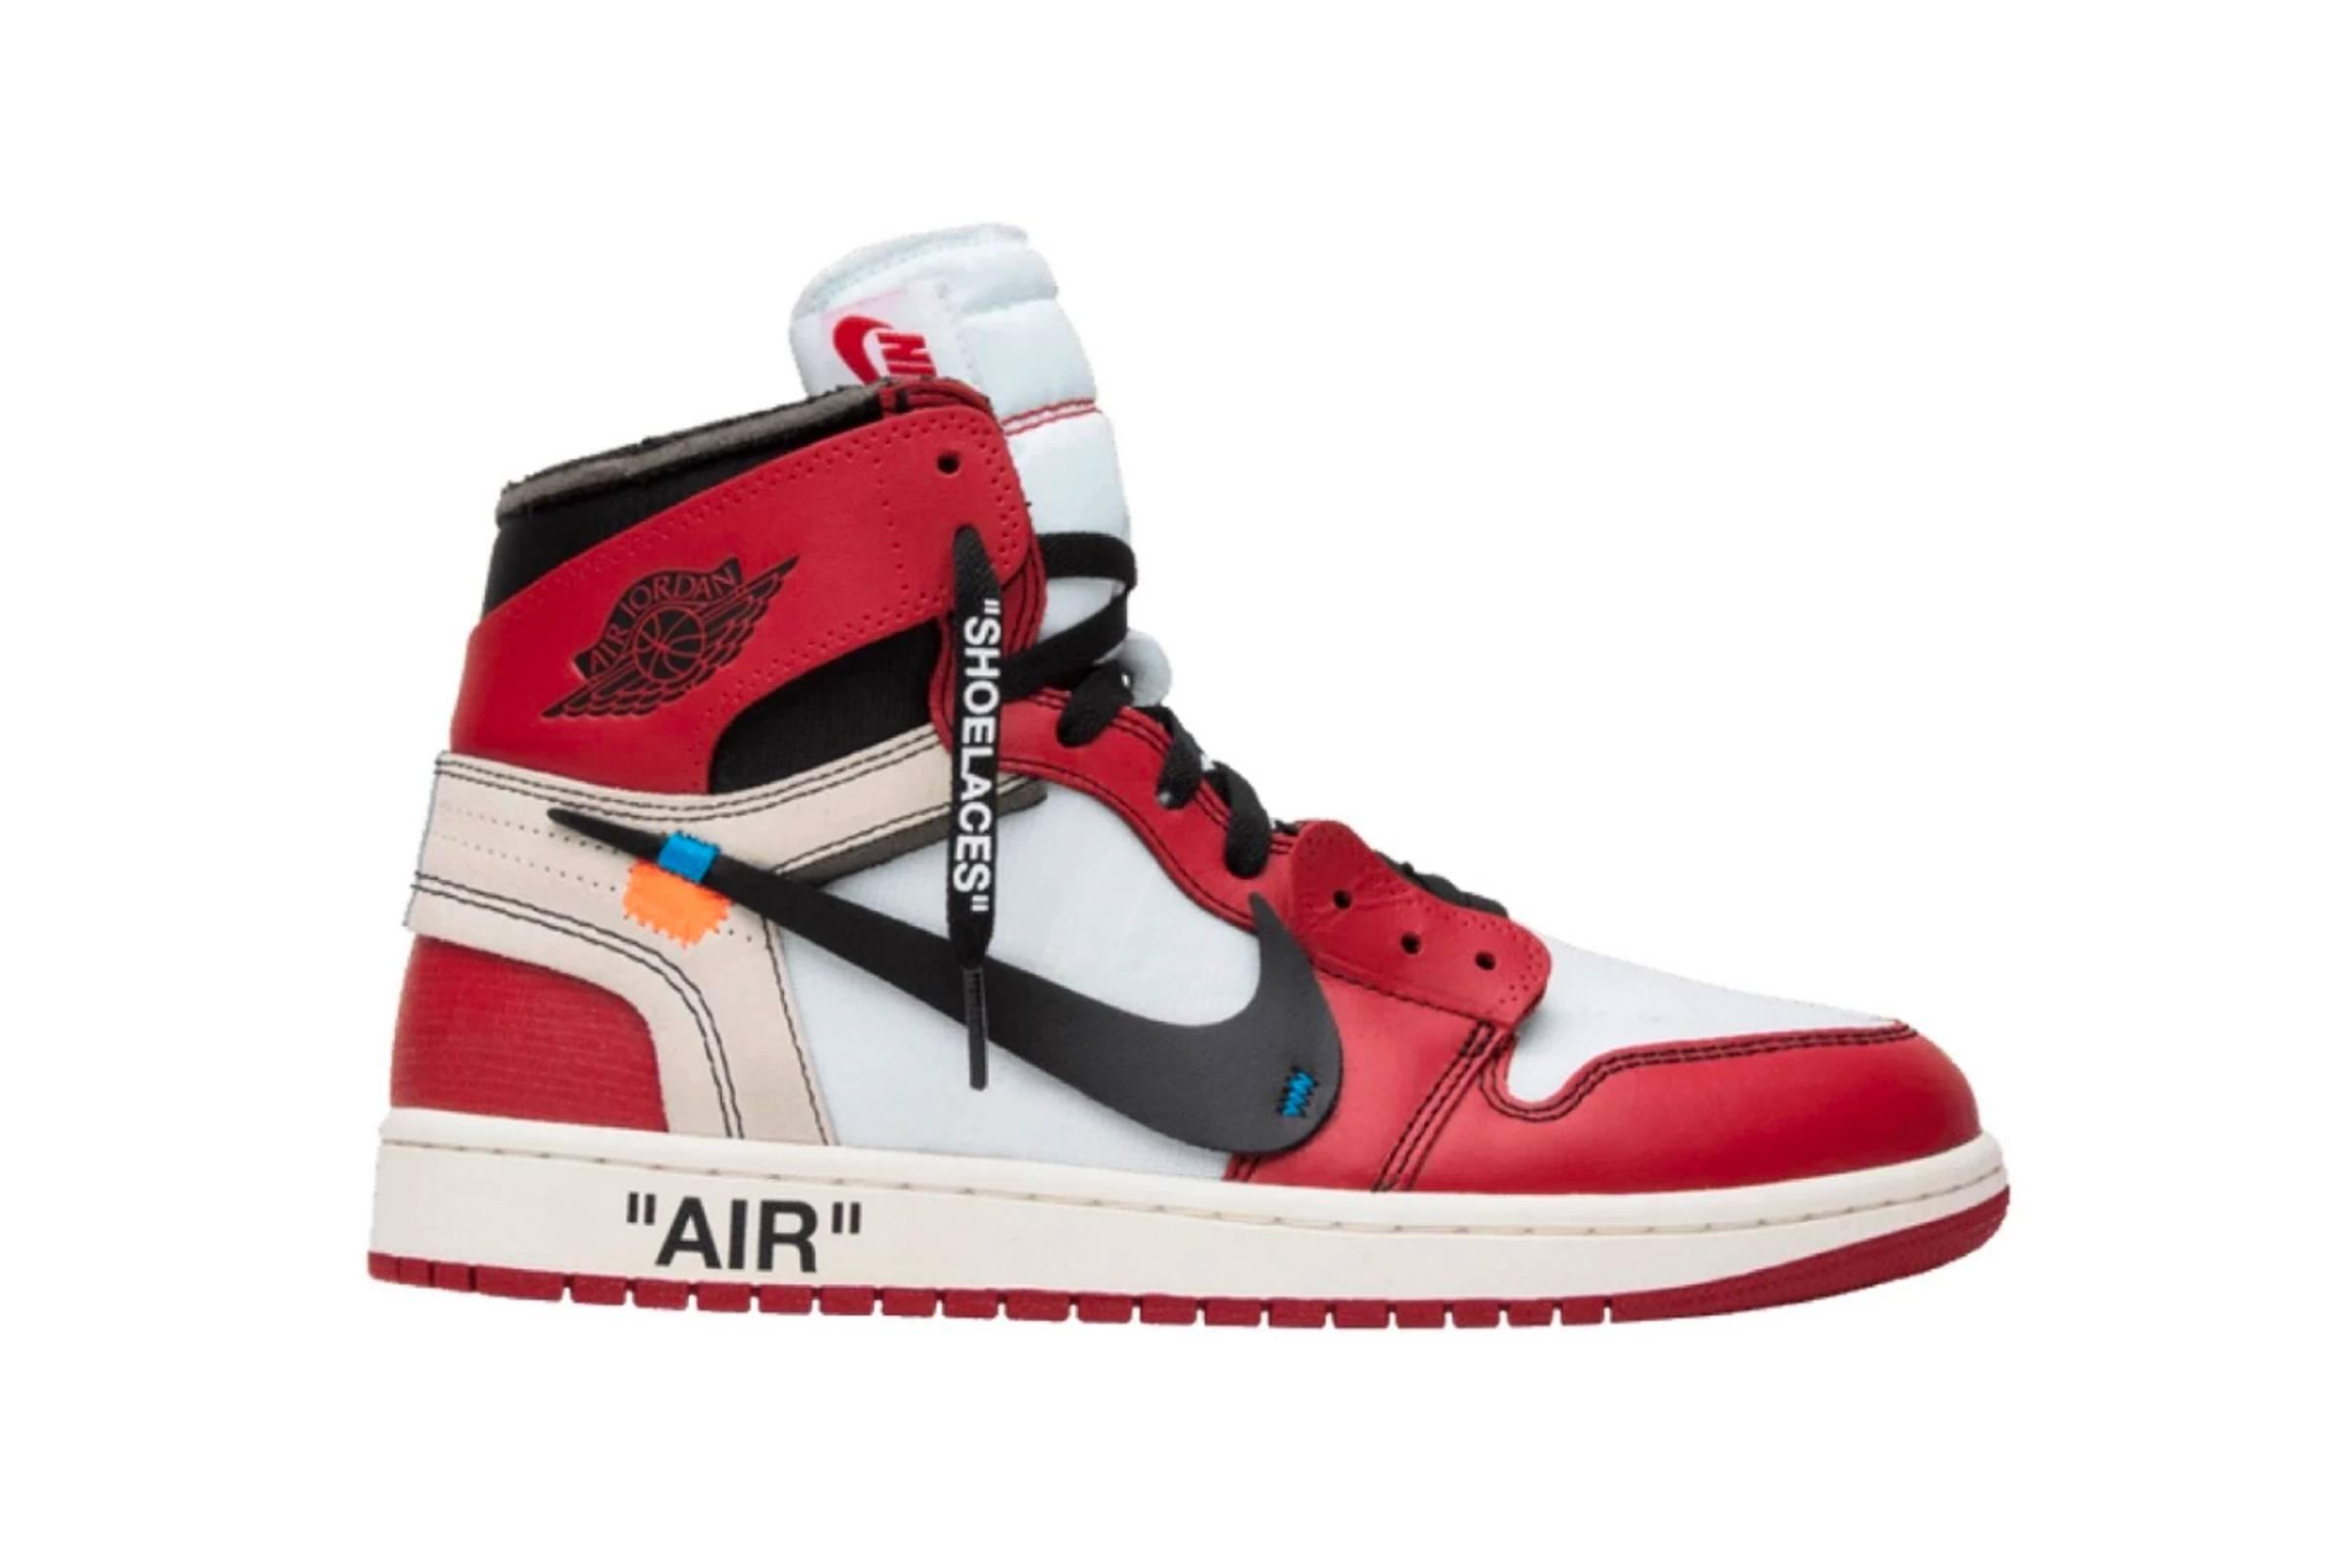 Off-White x Jordan 1 Retro High OG Chicago